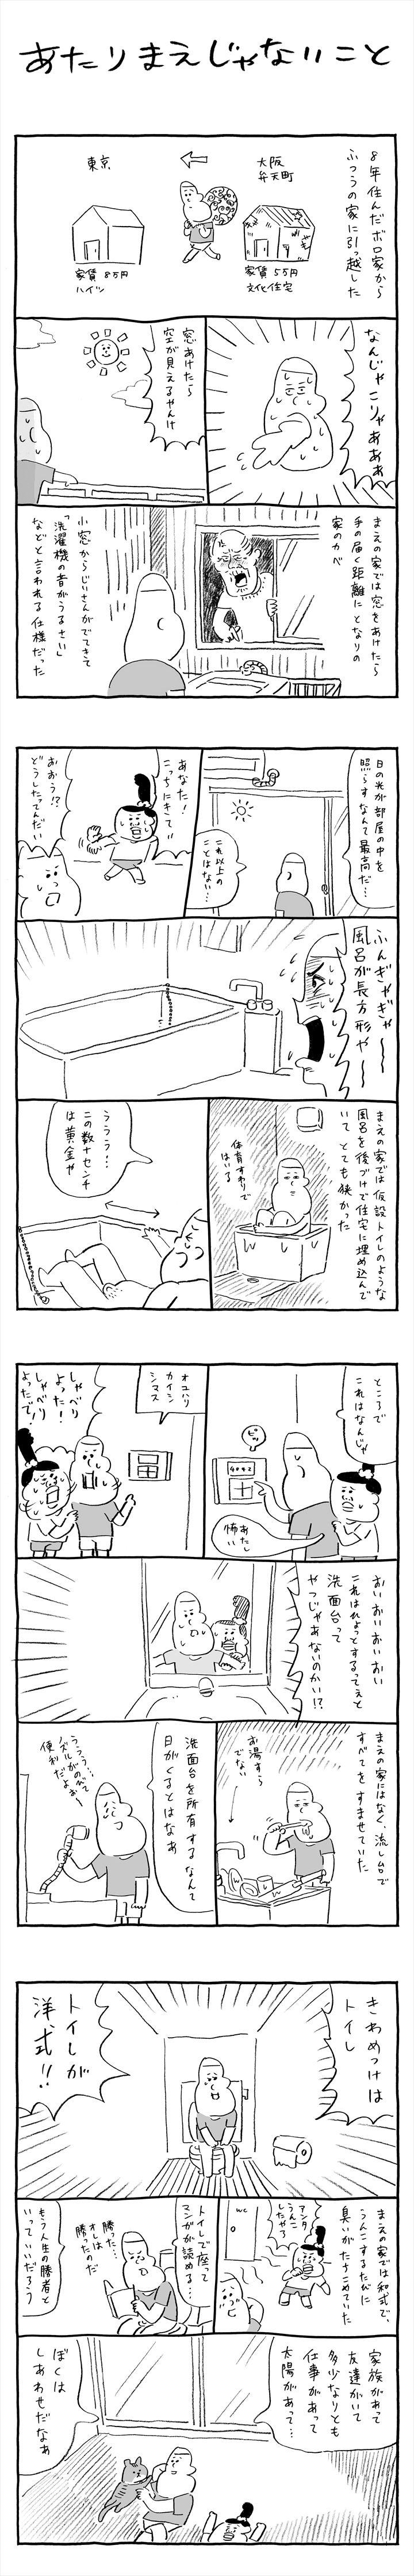 koyama19_R